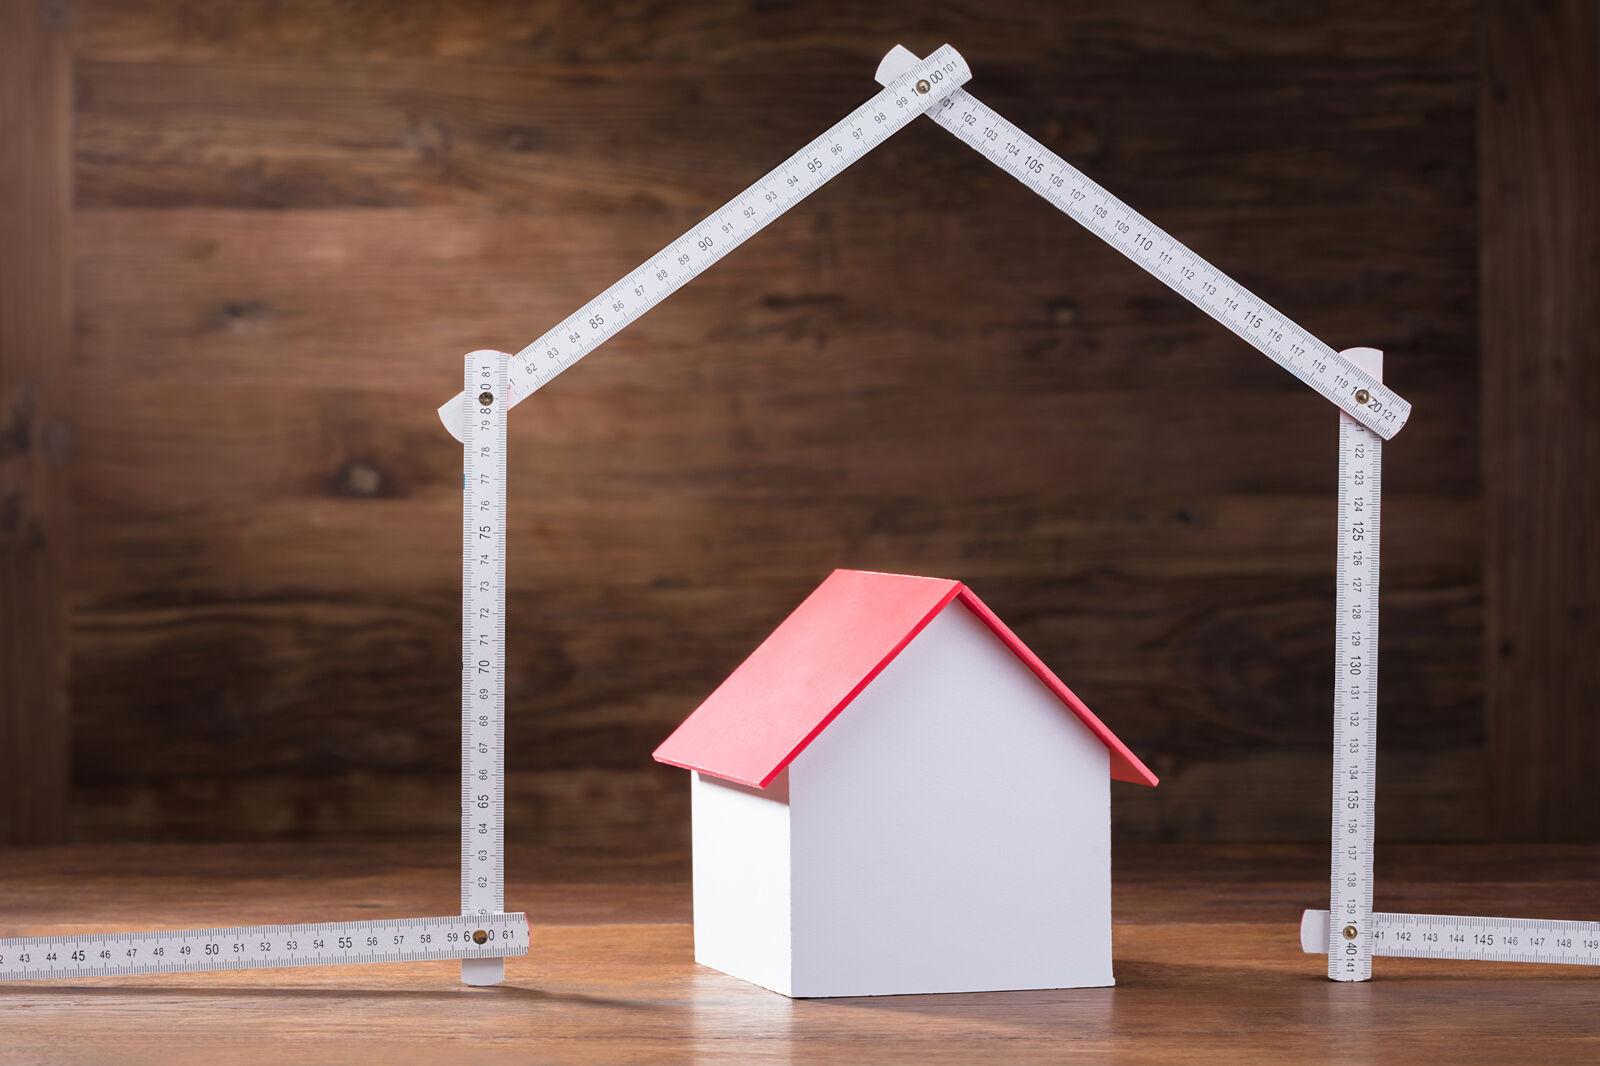 Ein Modell-Häuschen mit rotem Dach unter einem Zollstock